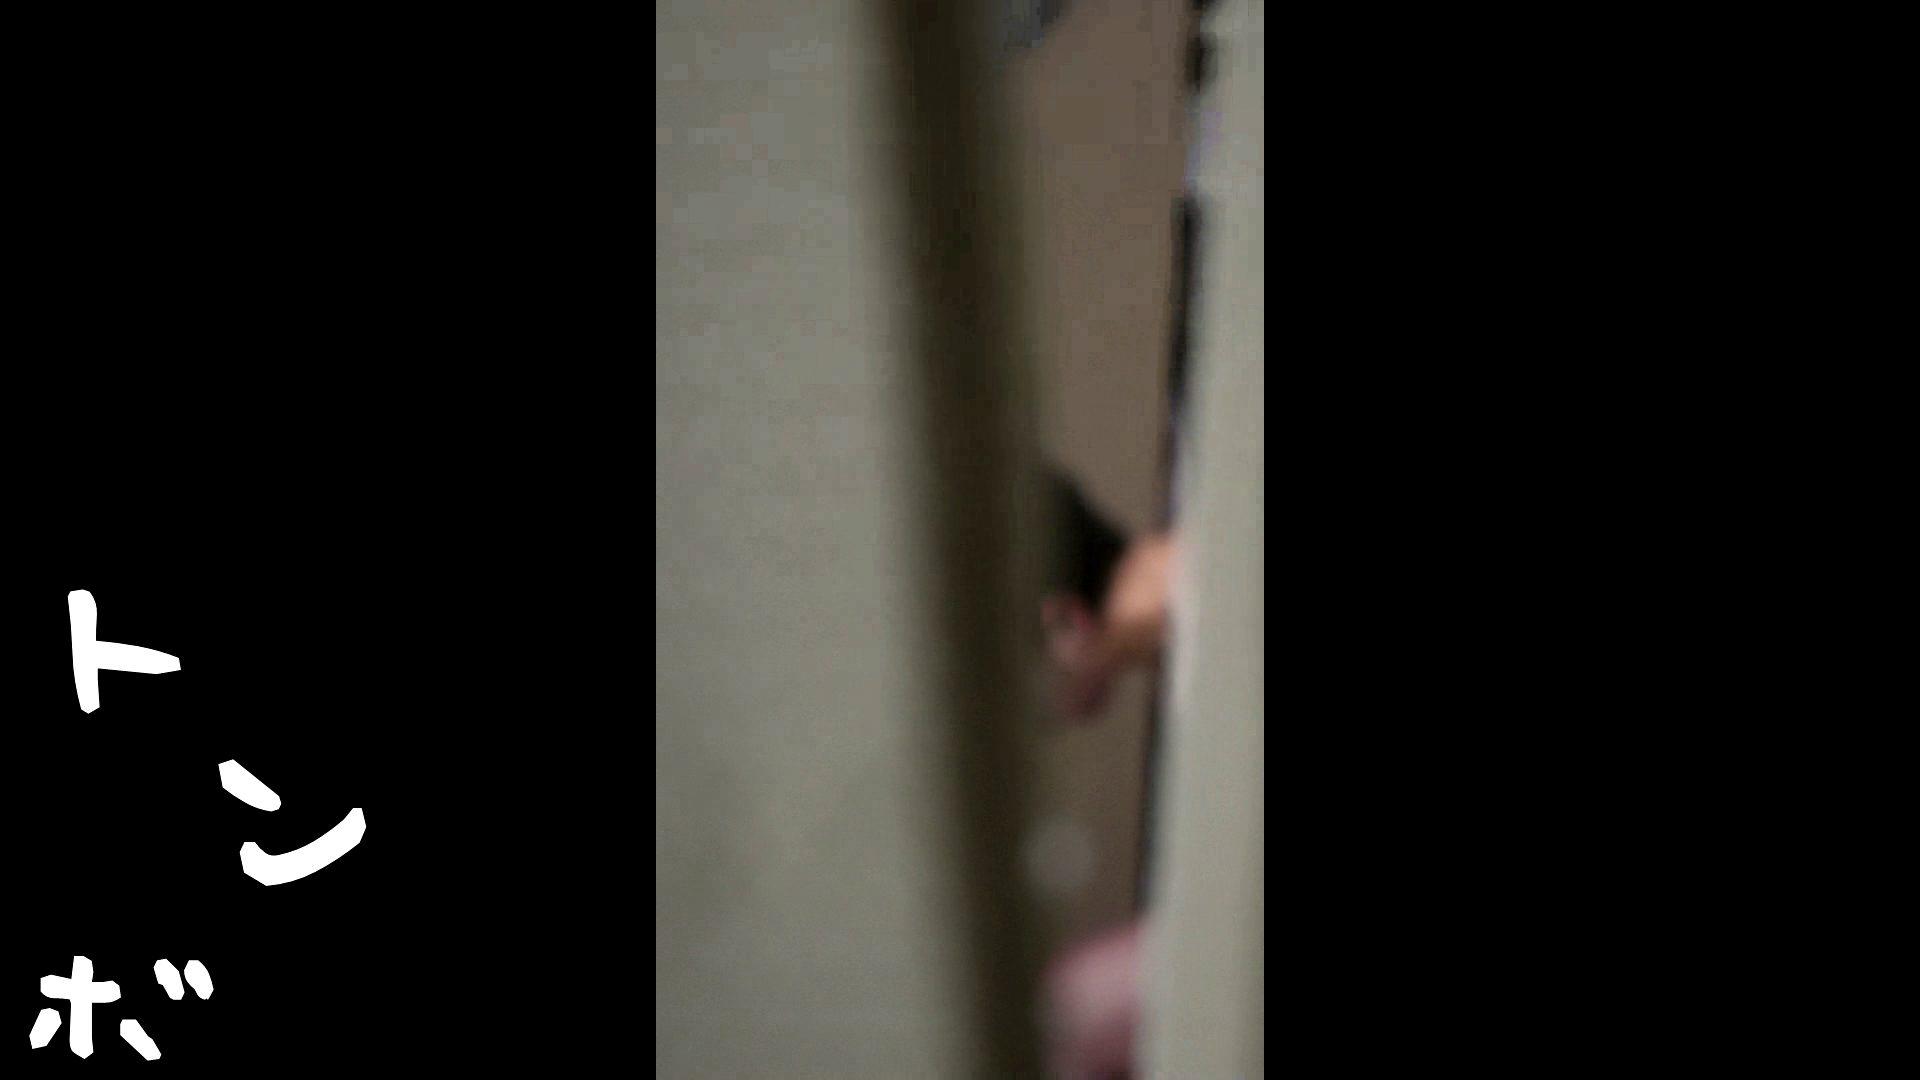 リアル盗撮 北欧留学生一人暮らし部屋ヌード 美女達のヌード   盗撮エロすぎ  102連発 78